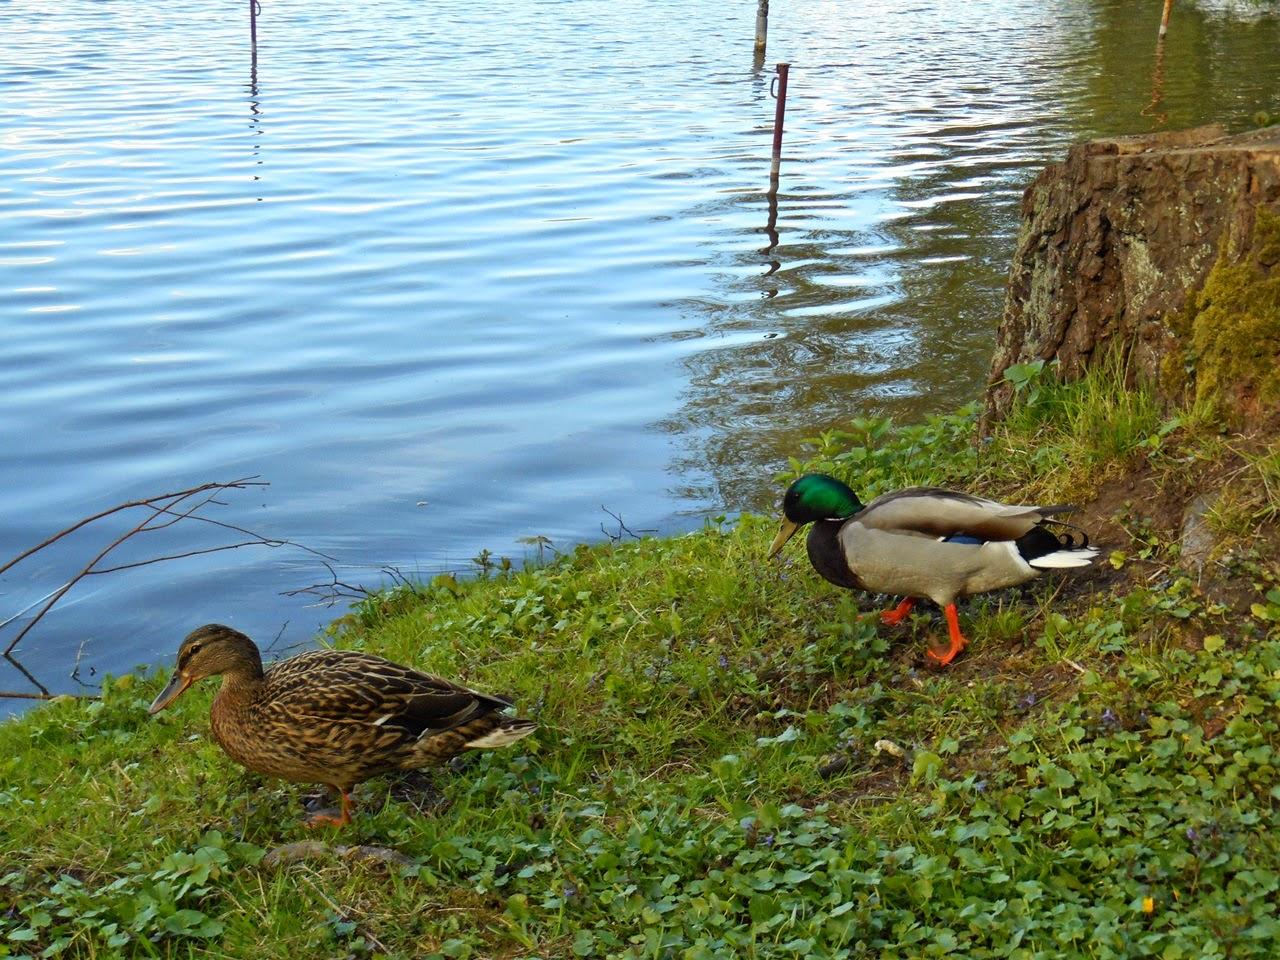 kaczor, woda, jezioro, ptaki wodne, Wolsztyn